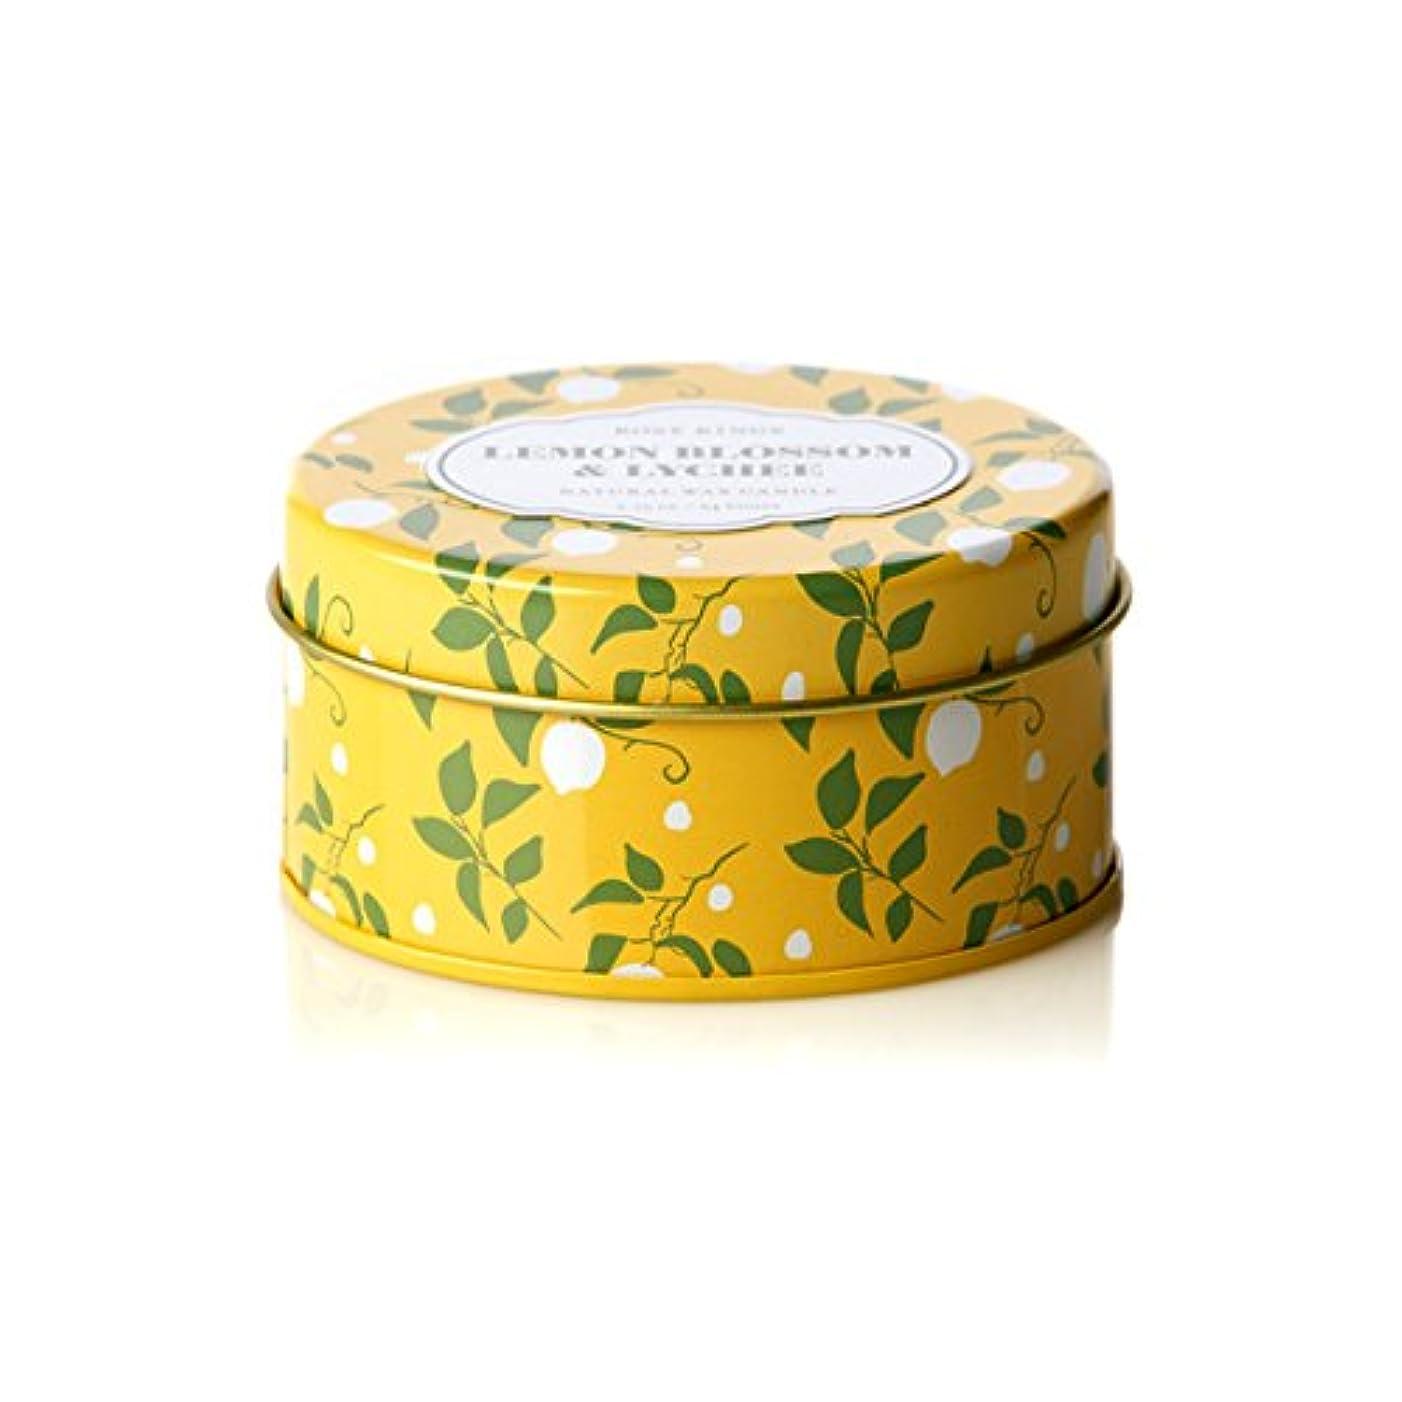 抵抗する液化する悲しみロージーリングス トラベルティンキャンドル レモンブロッサム&ライチ ROSY RINGS Lemon Blossom & Lychee Travel Tin